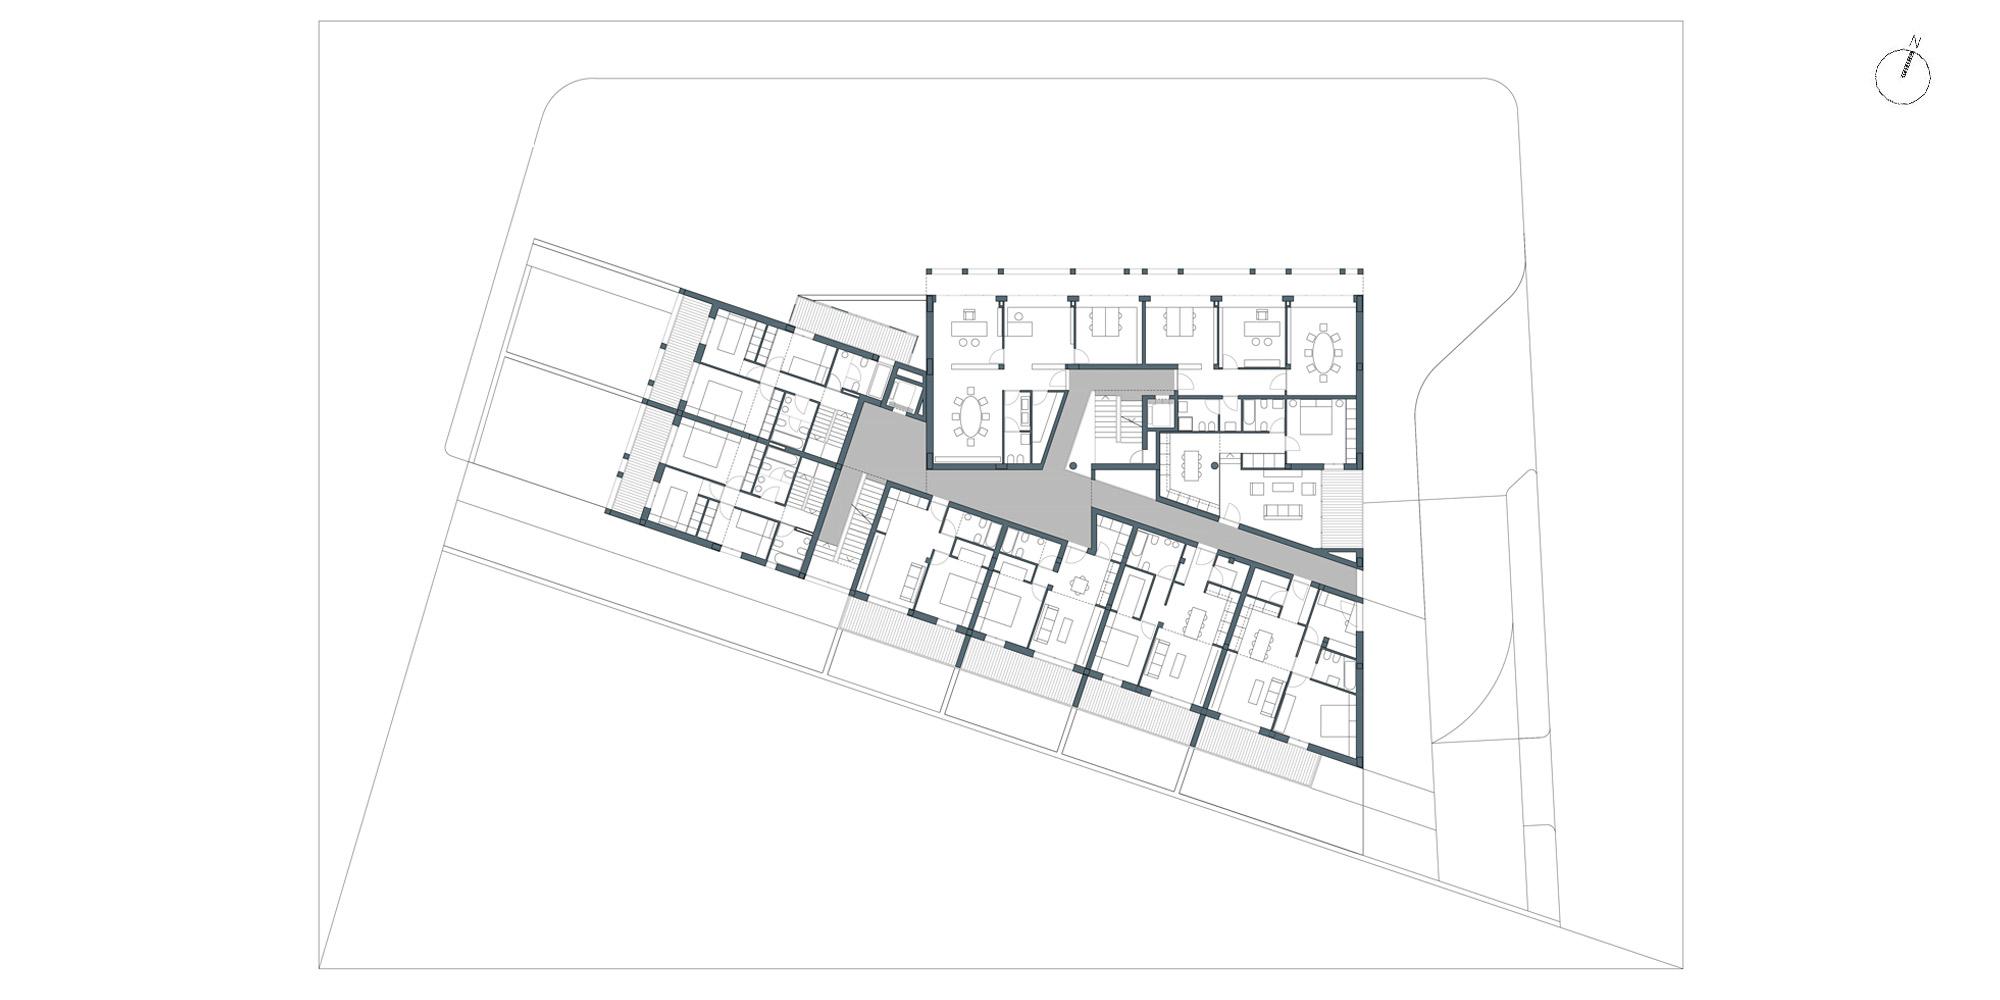 Pianta piano primo © Netti Architetti